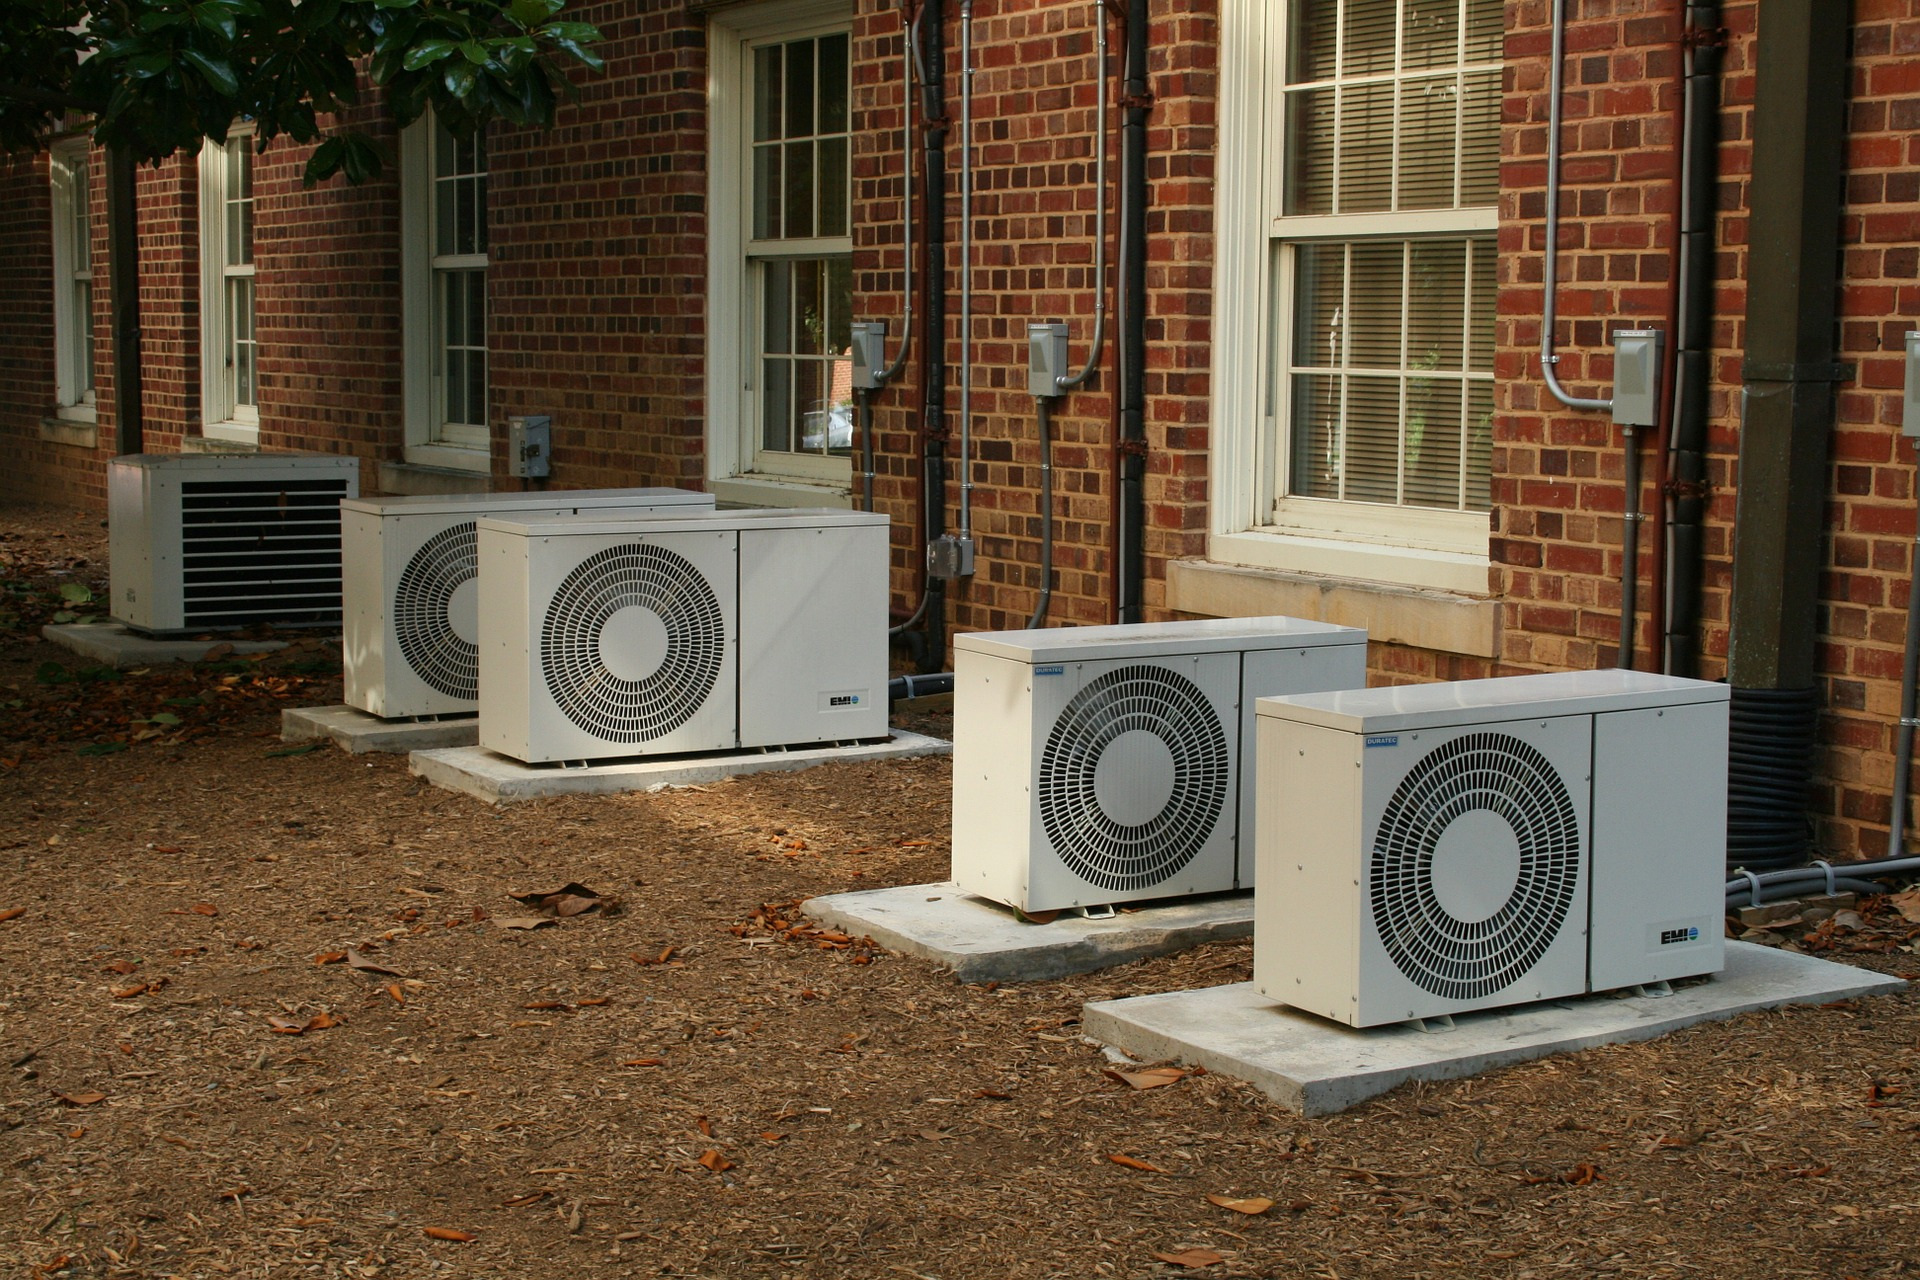 Quels sont les principaux avantages de la pompe à chaleur?